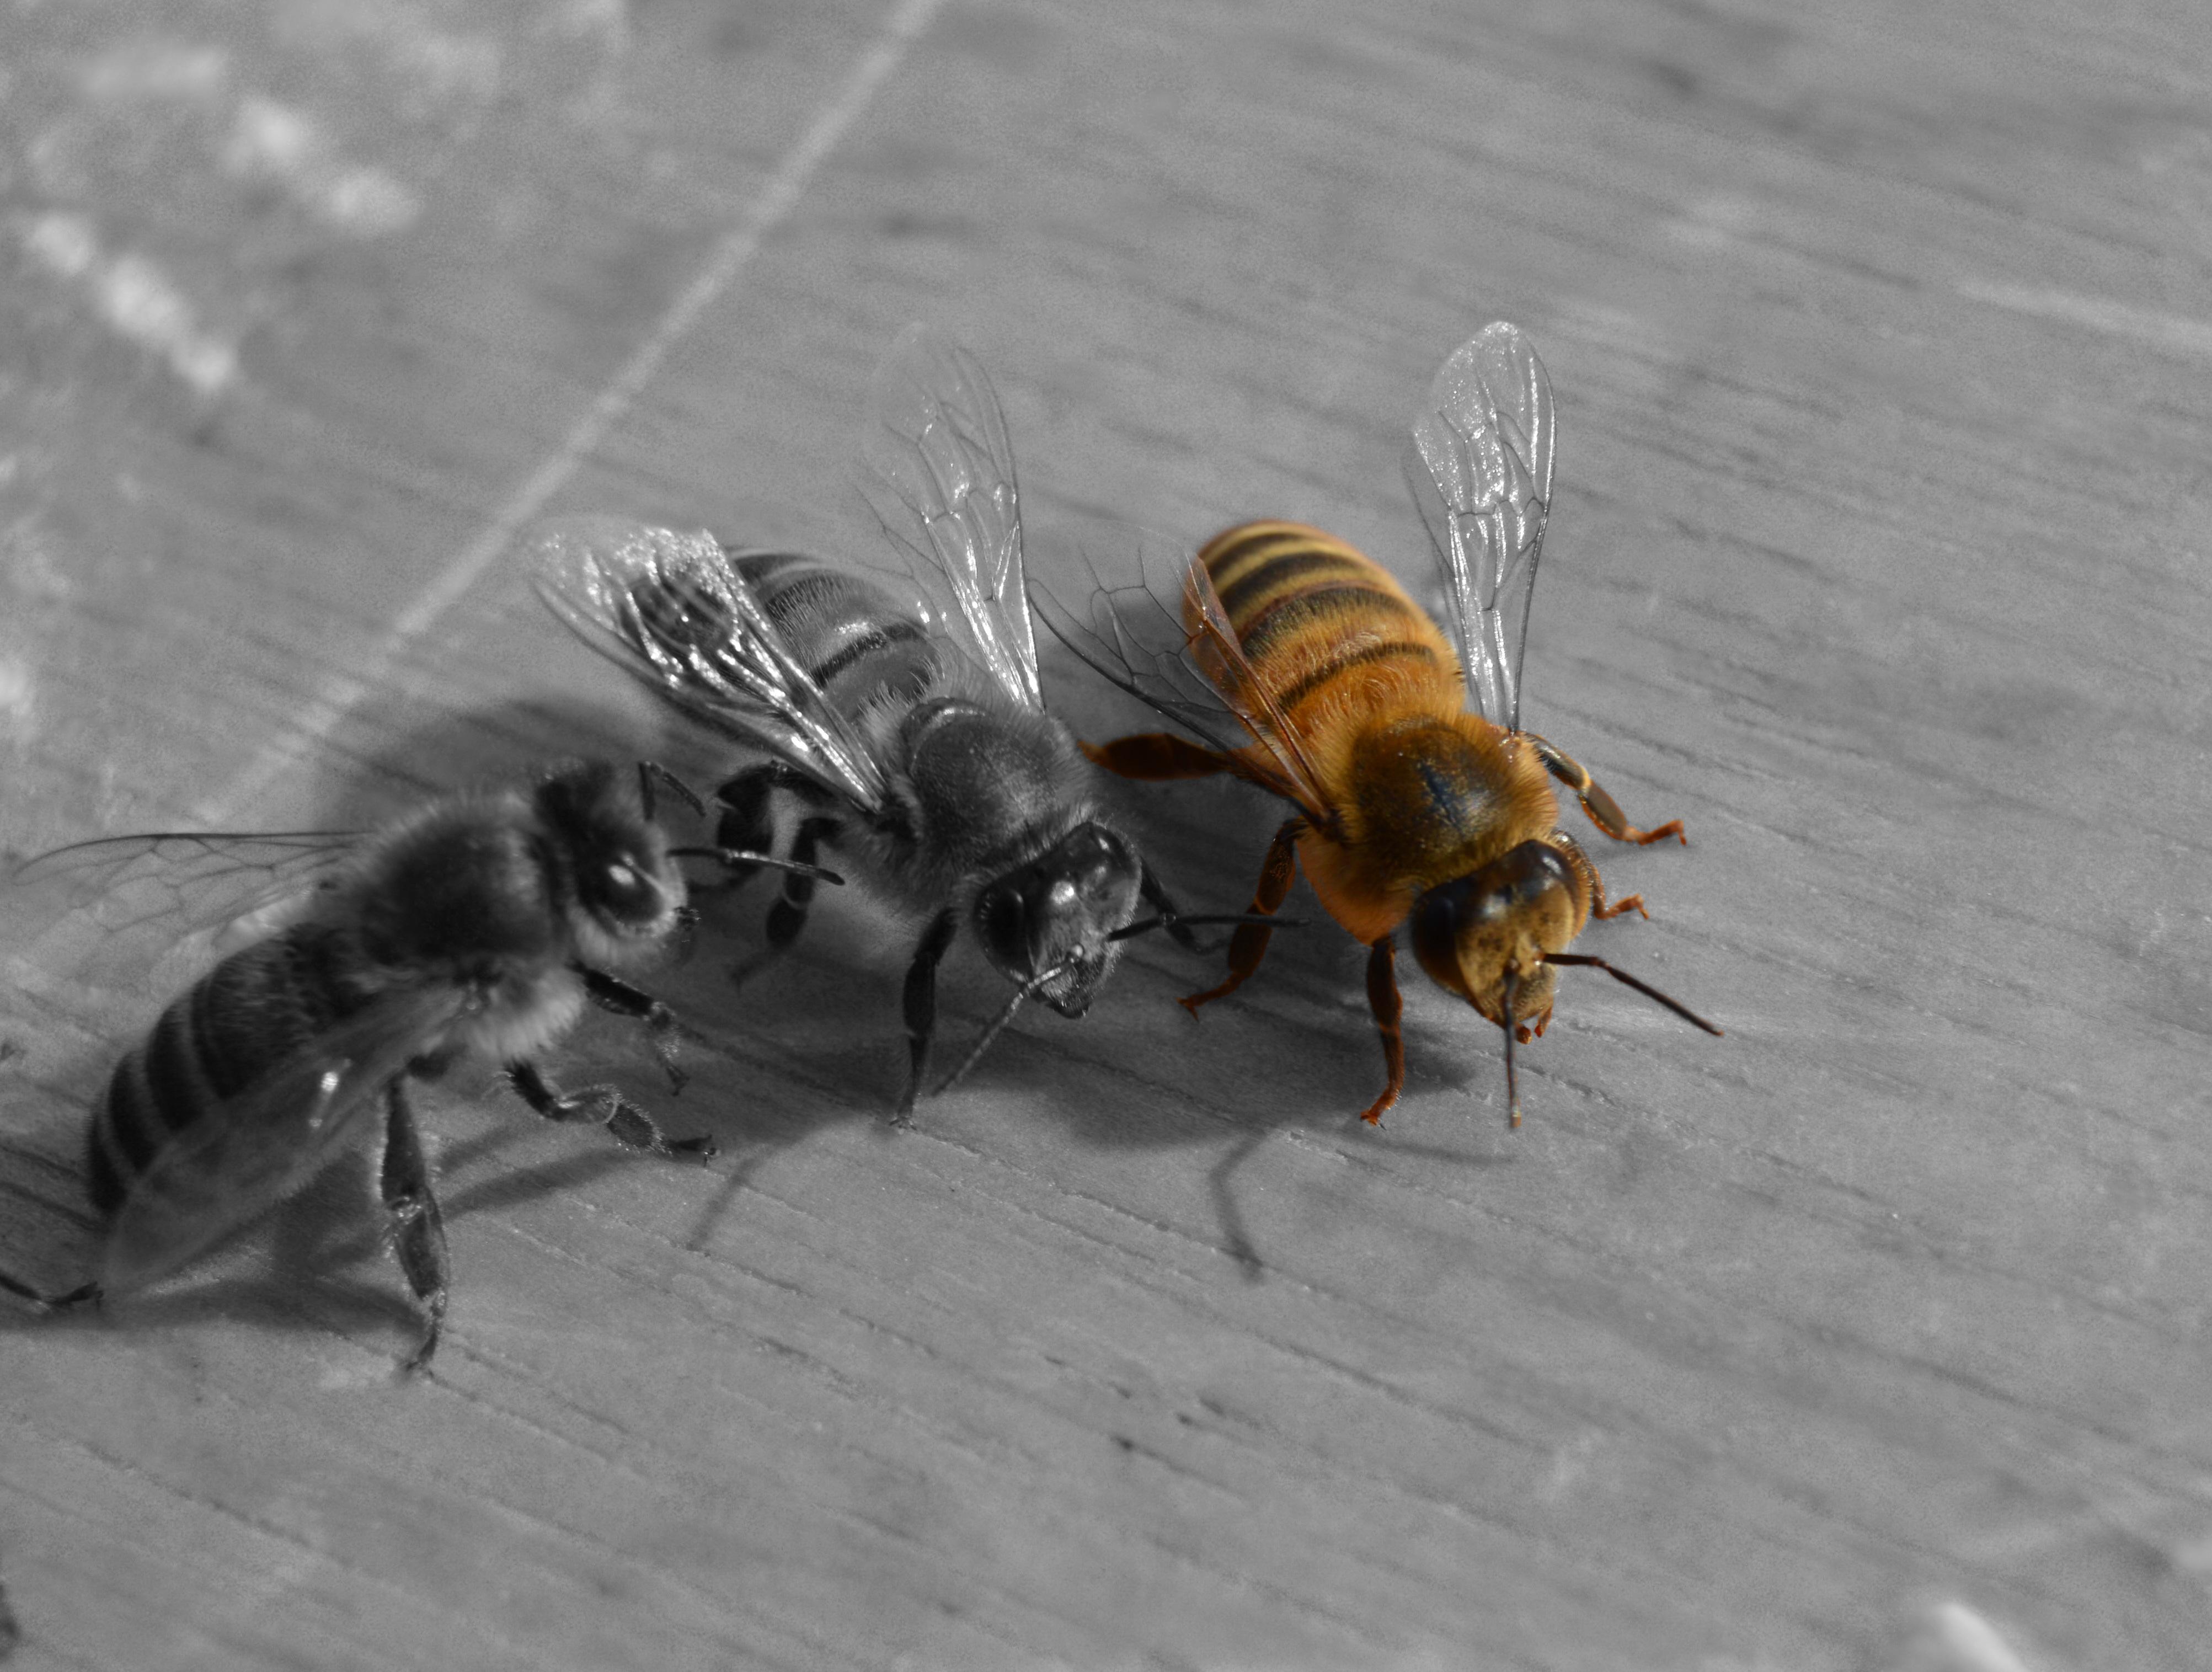 Fotos gratis  ala fotografa mosca insecto fauna